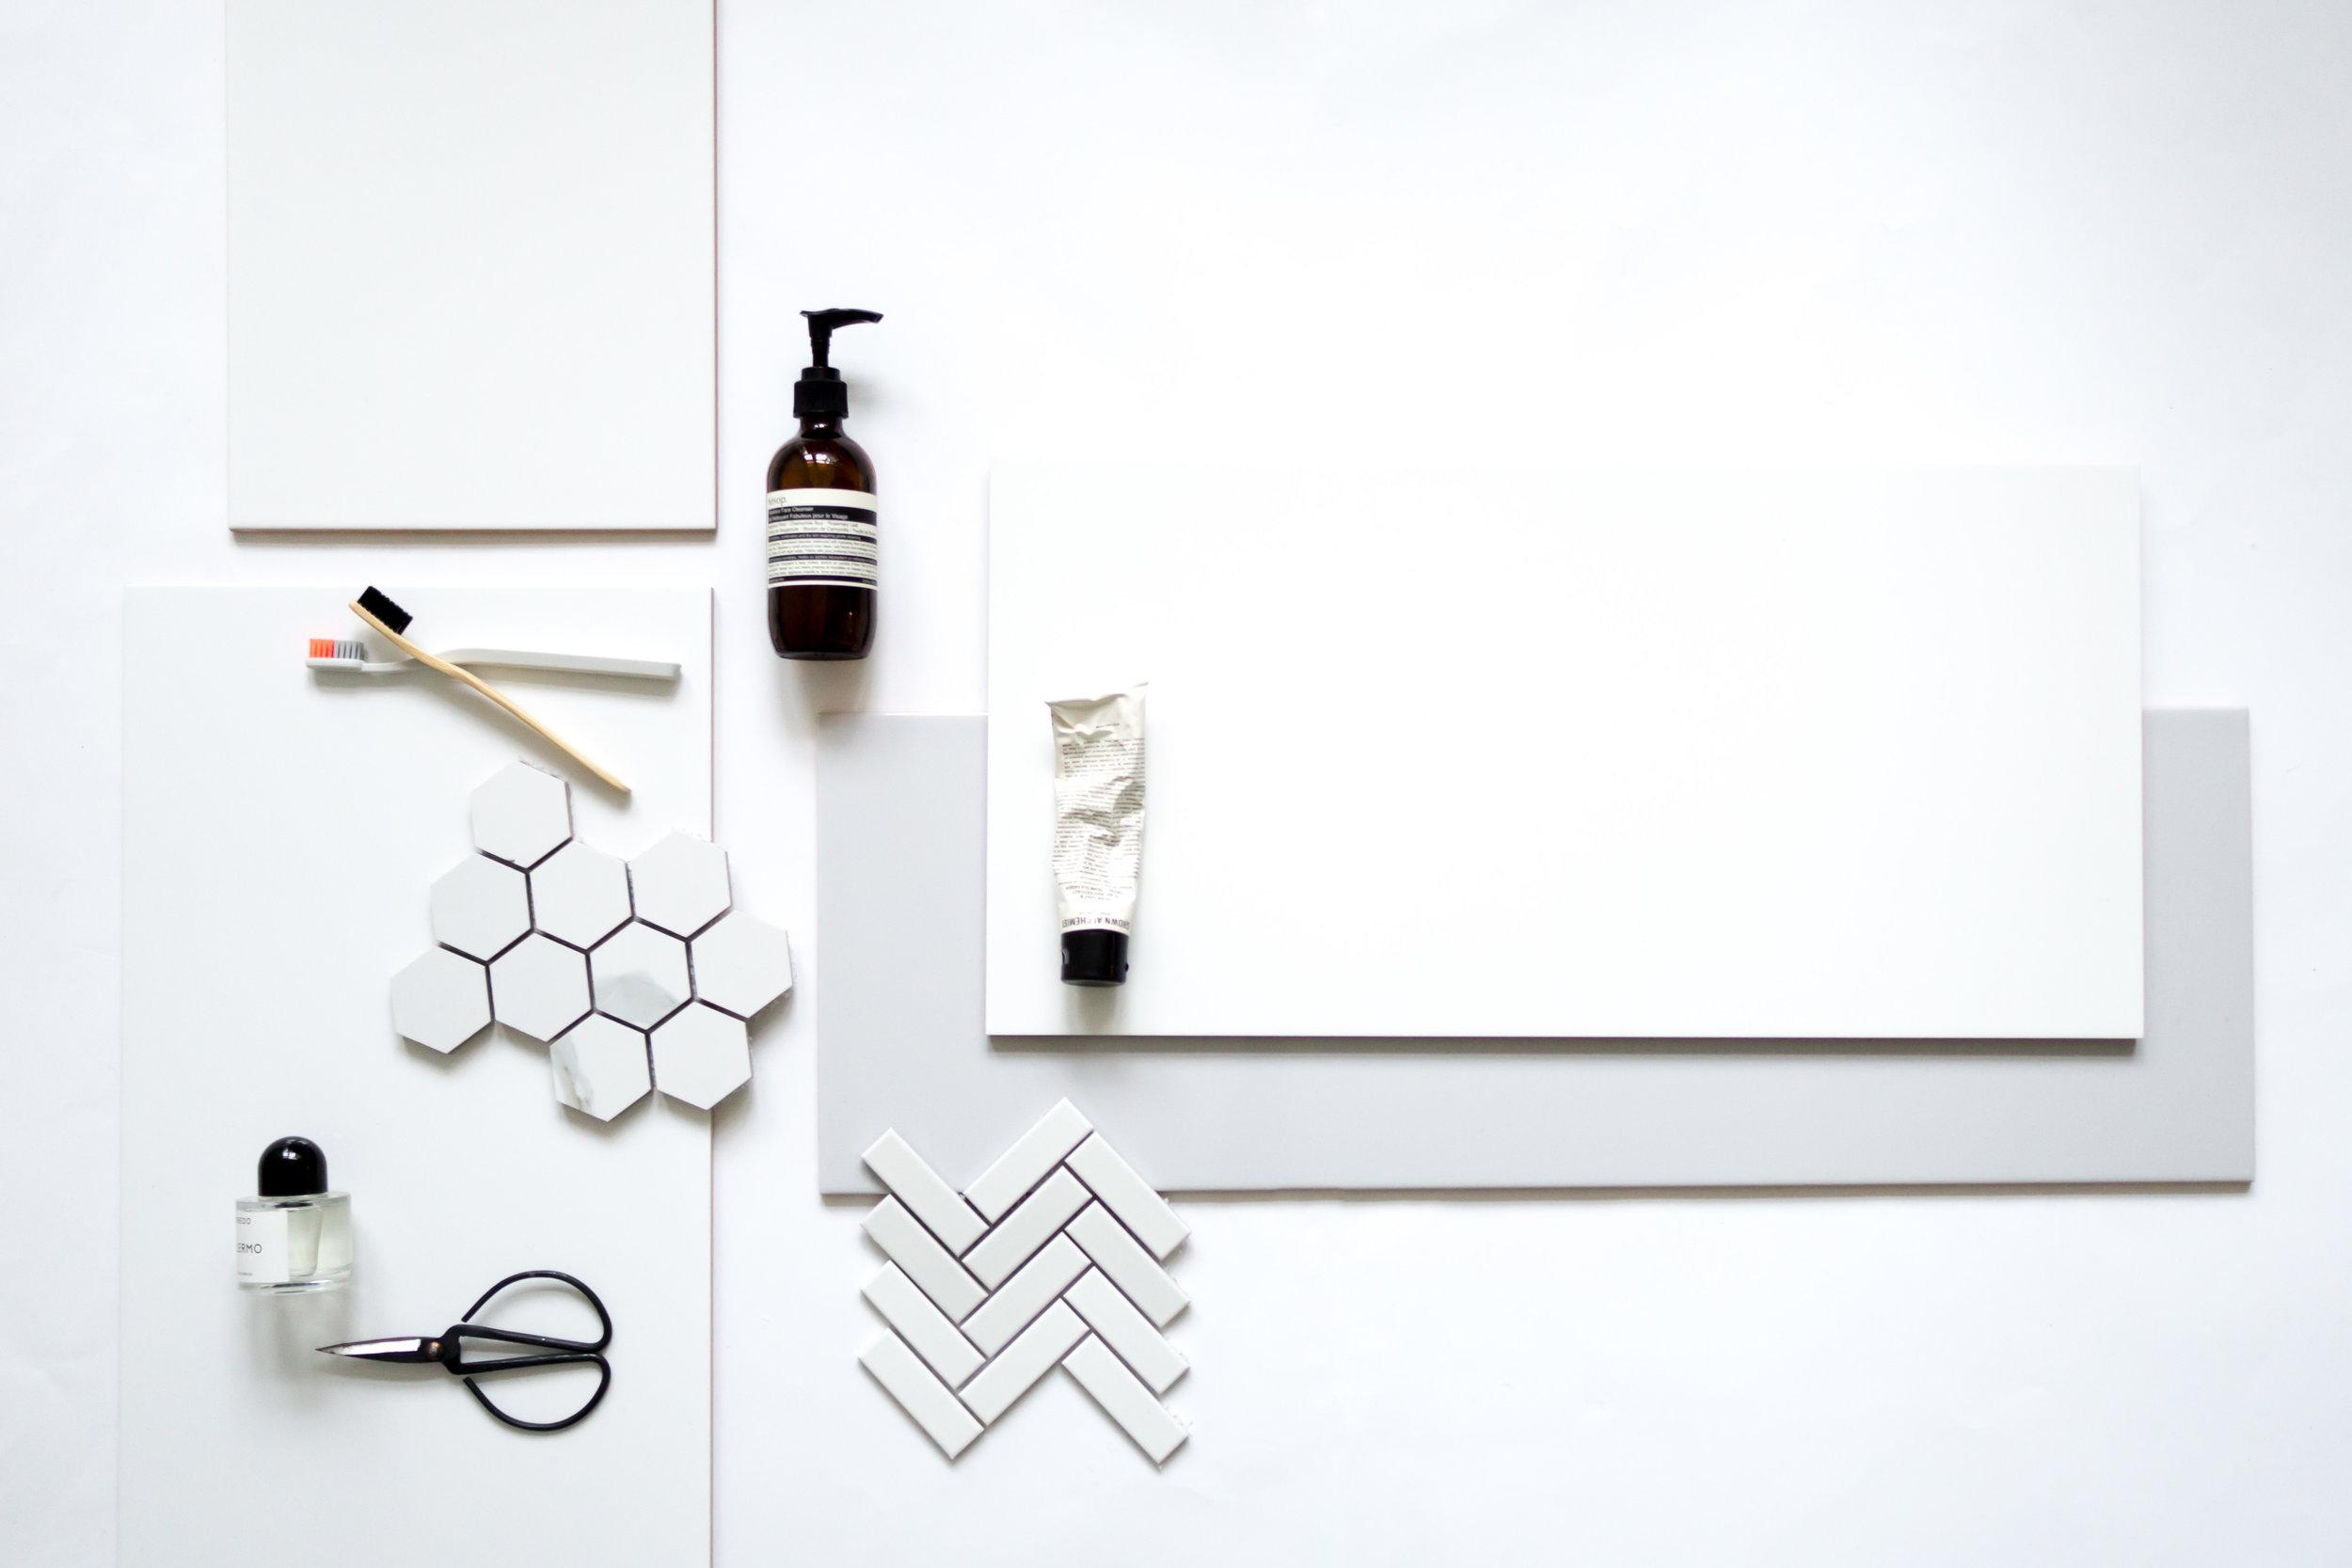 Propsit: Puinen hammasharja nomess, harmaa harja Jorday (designed by HAY), kosmetiikka Aesop ja Grown Alchemist, hajuvesi Byredo ja pienet sakset HAY